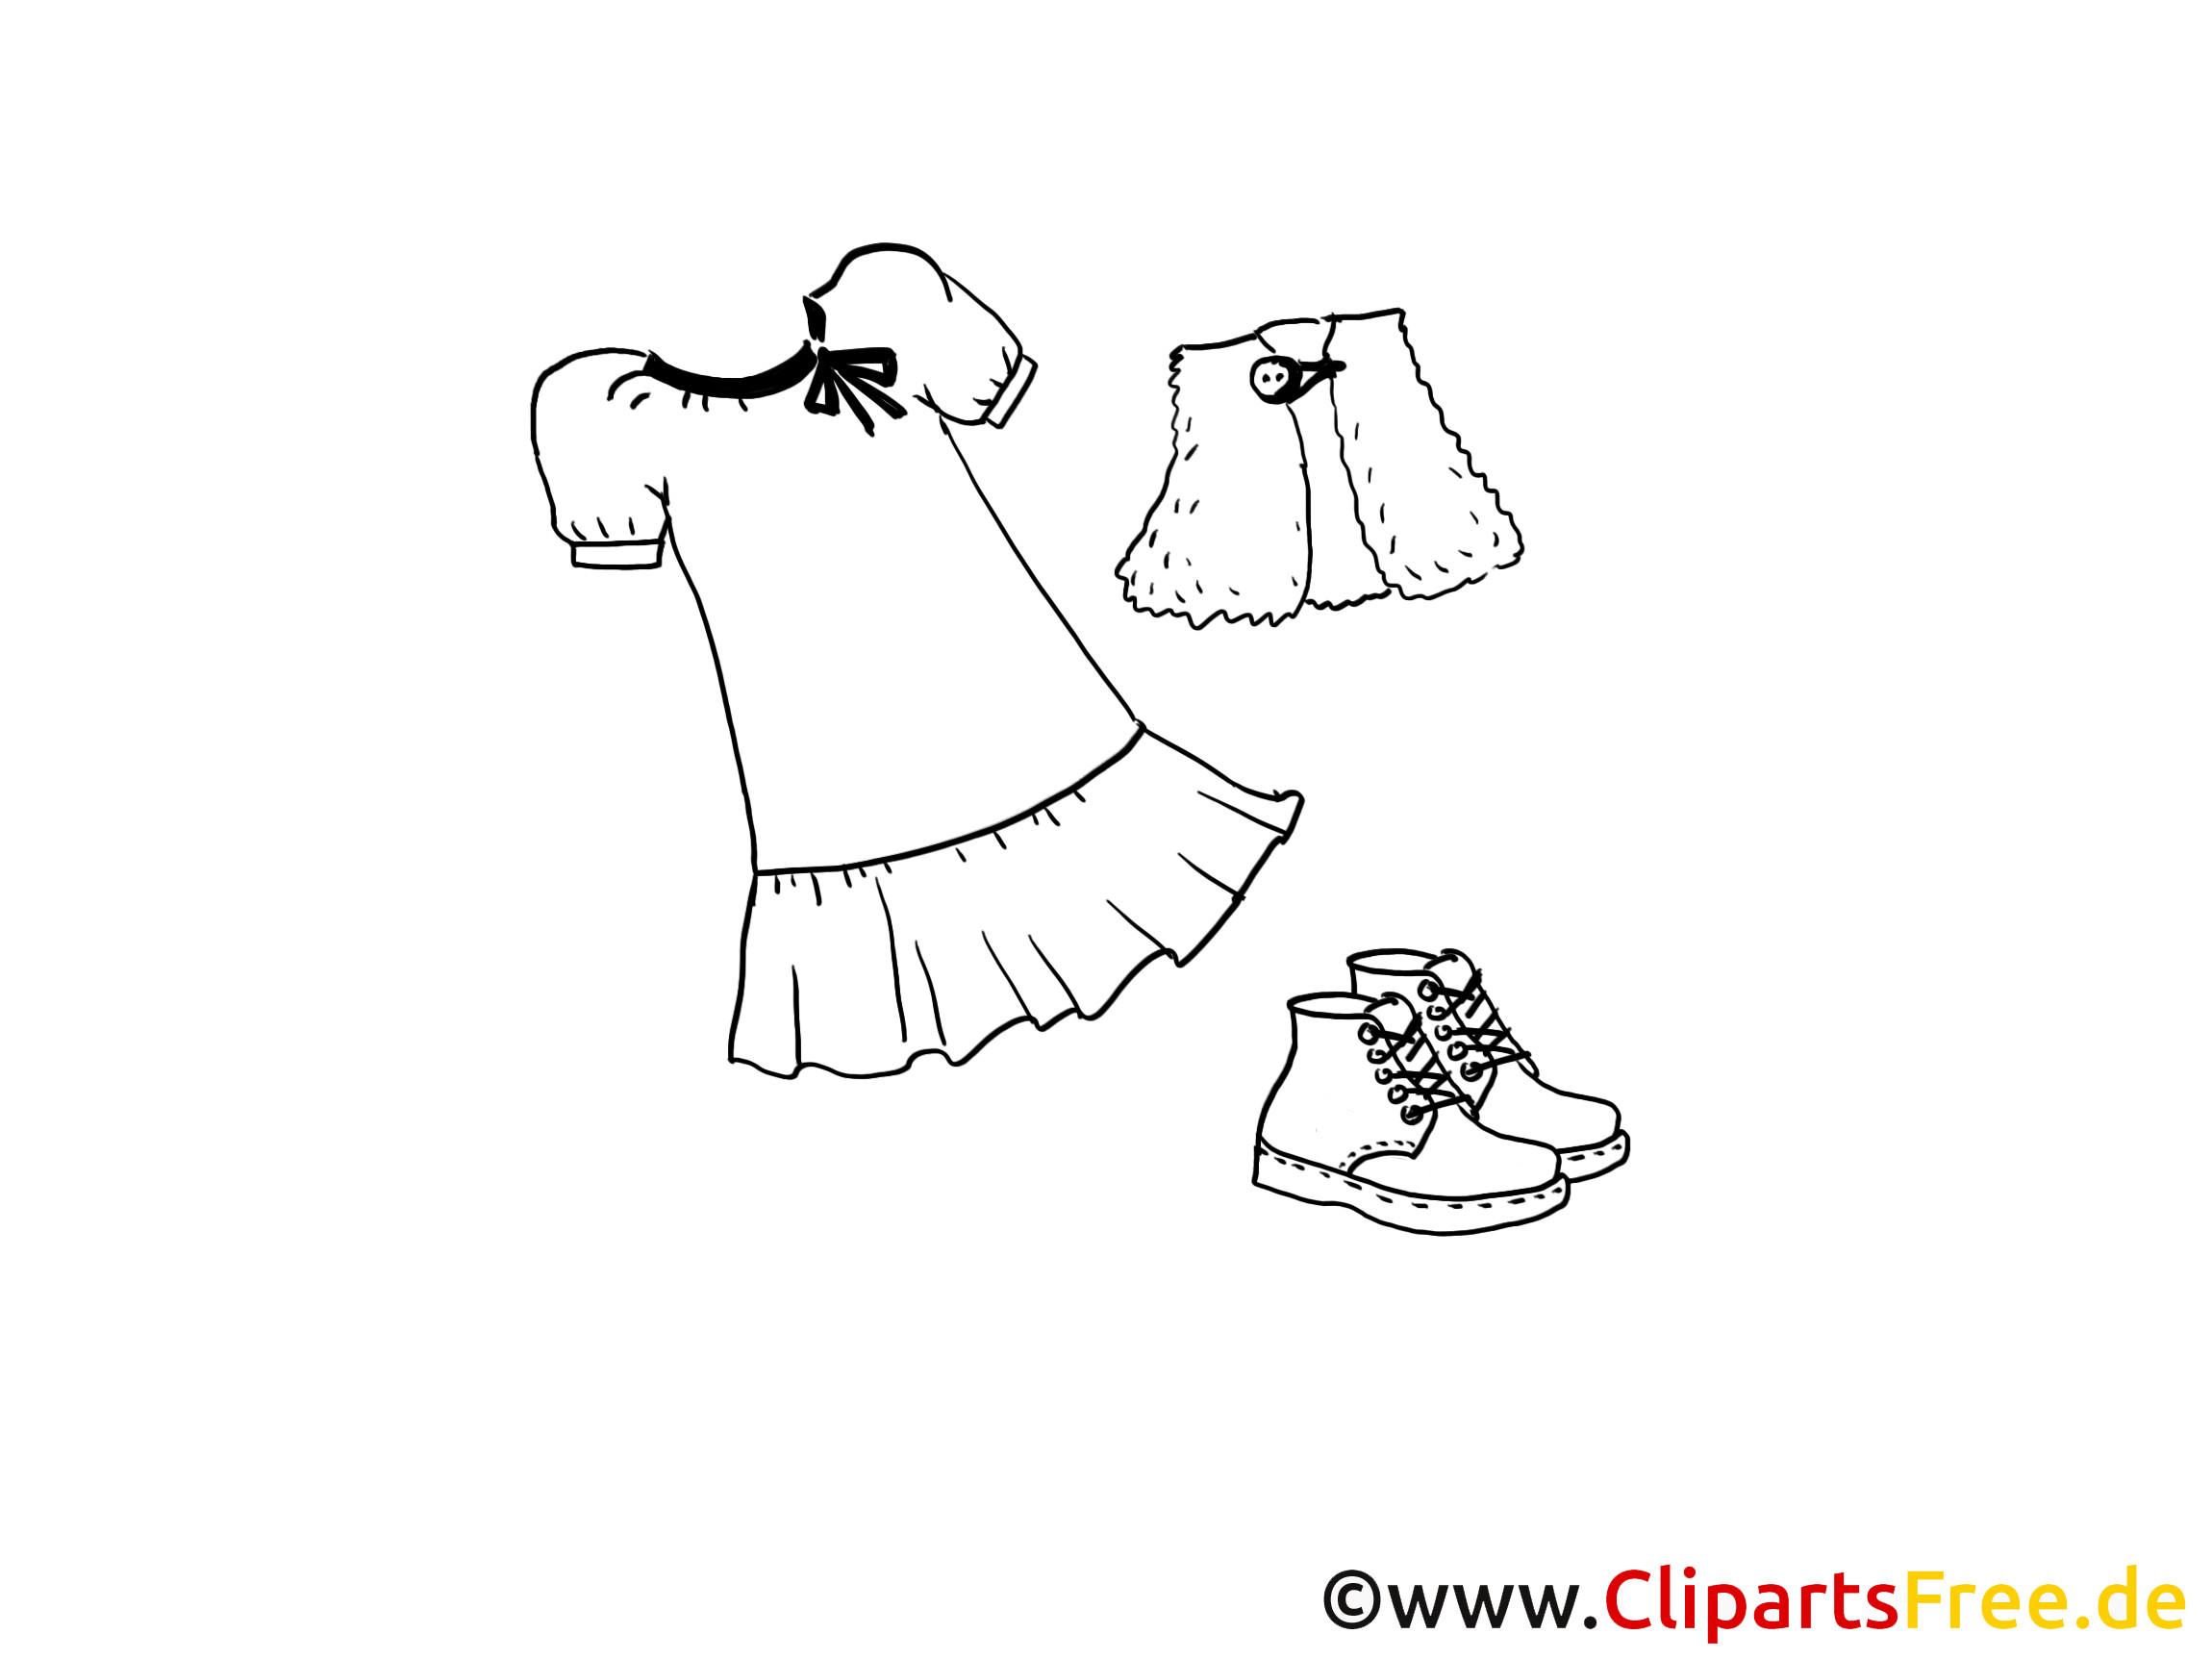 Malvorlagen Für Mädchen  Kleidung für Mädchen Malvorlage